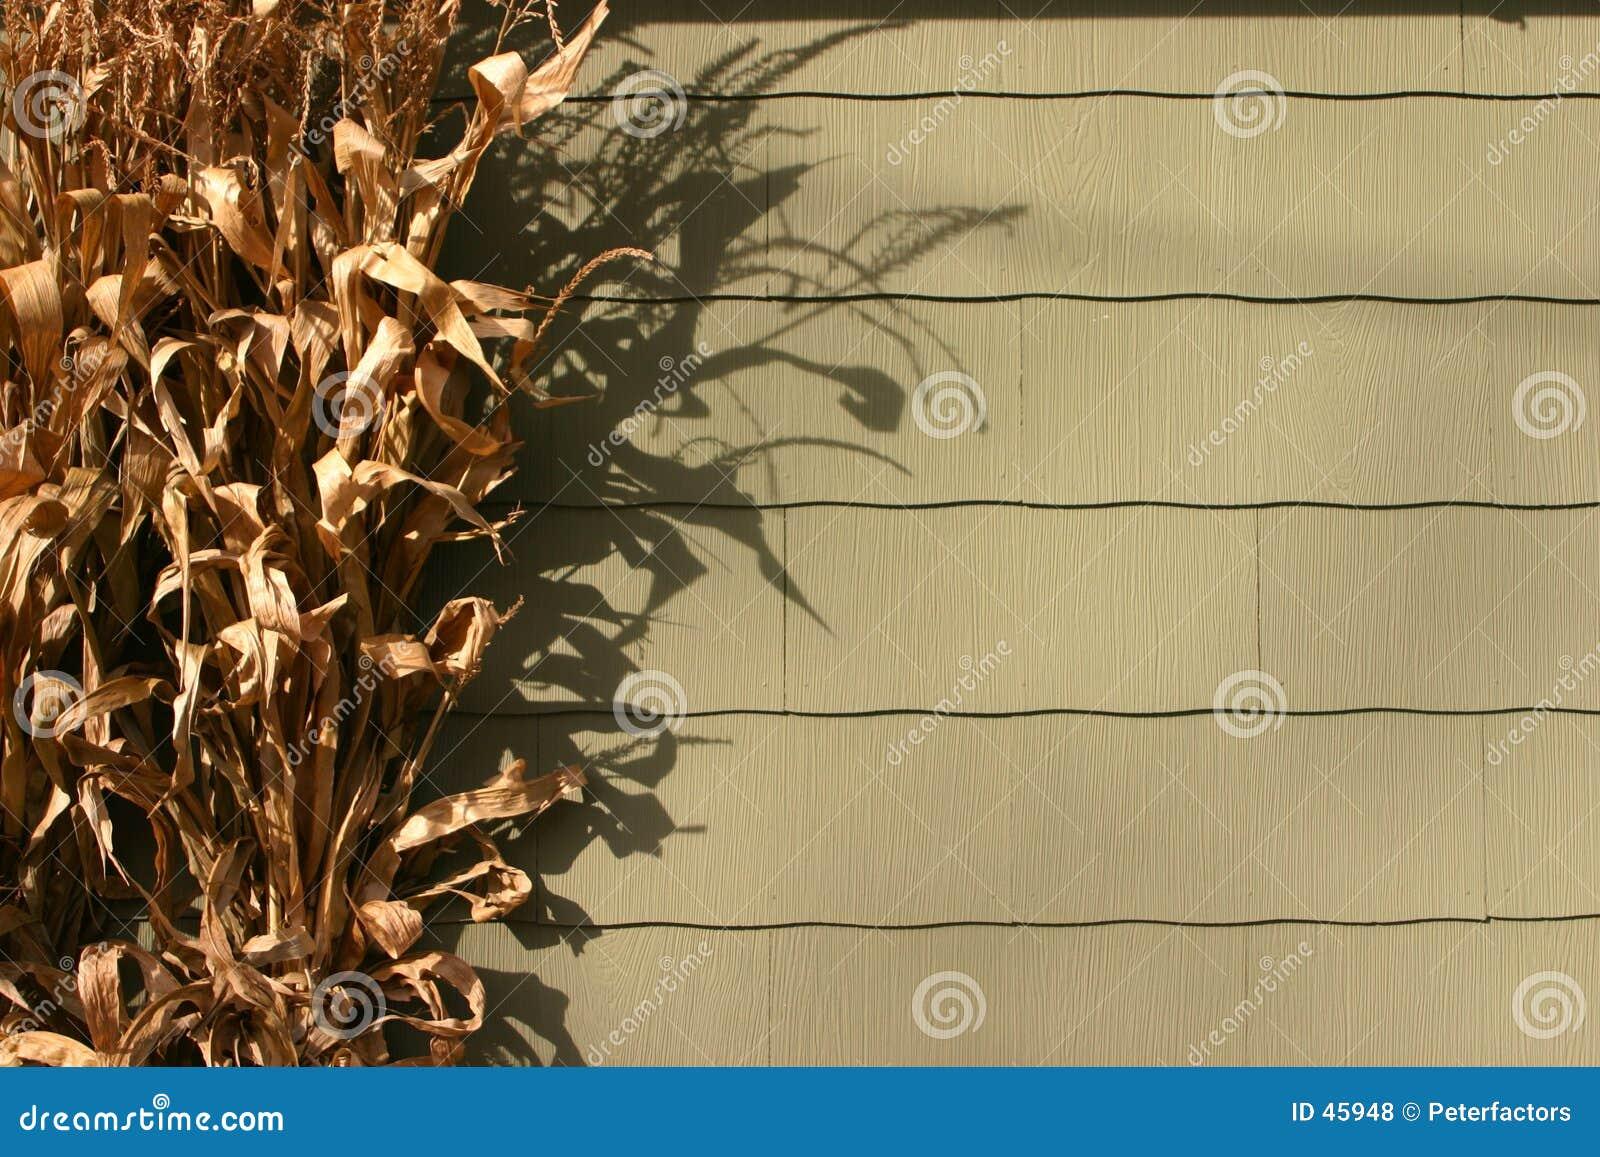 Tiges sèches de maïs